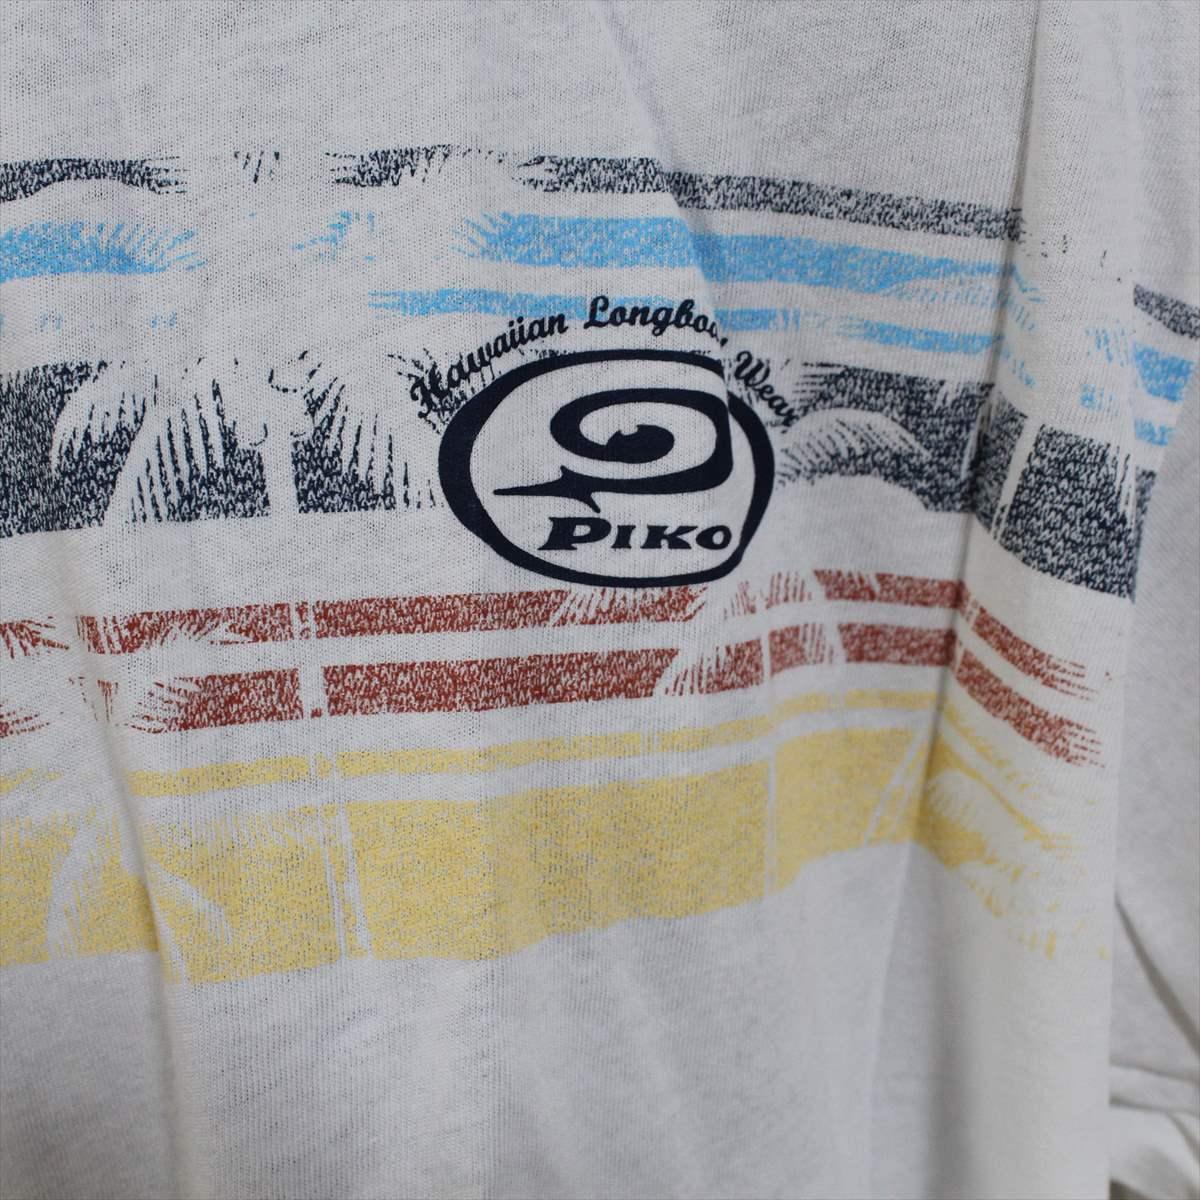 ピコ PIKO メンズ半袖Tシャツ ホワイト XXLサイズ 新品 白 アウトレット_画像2